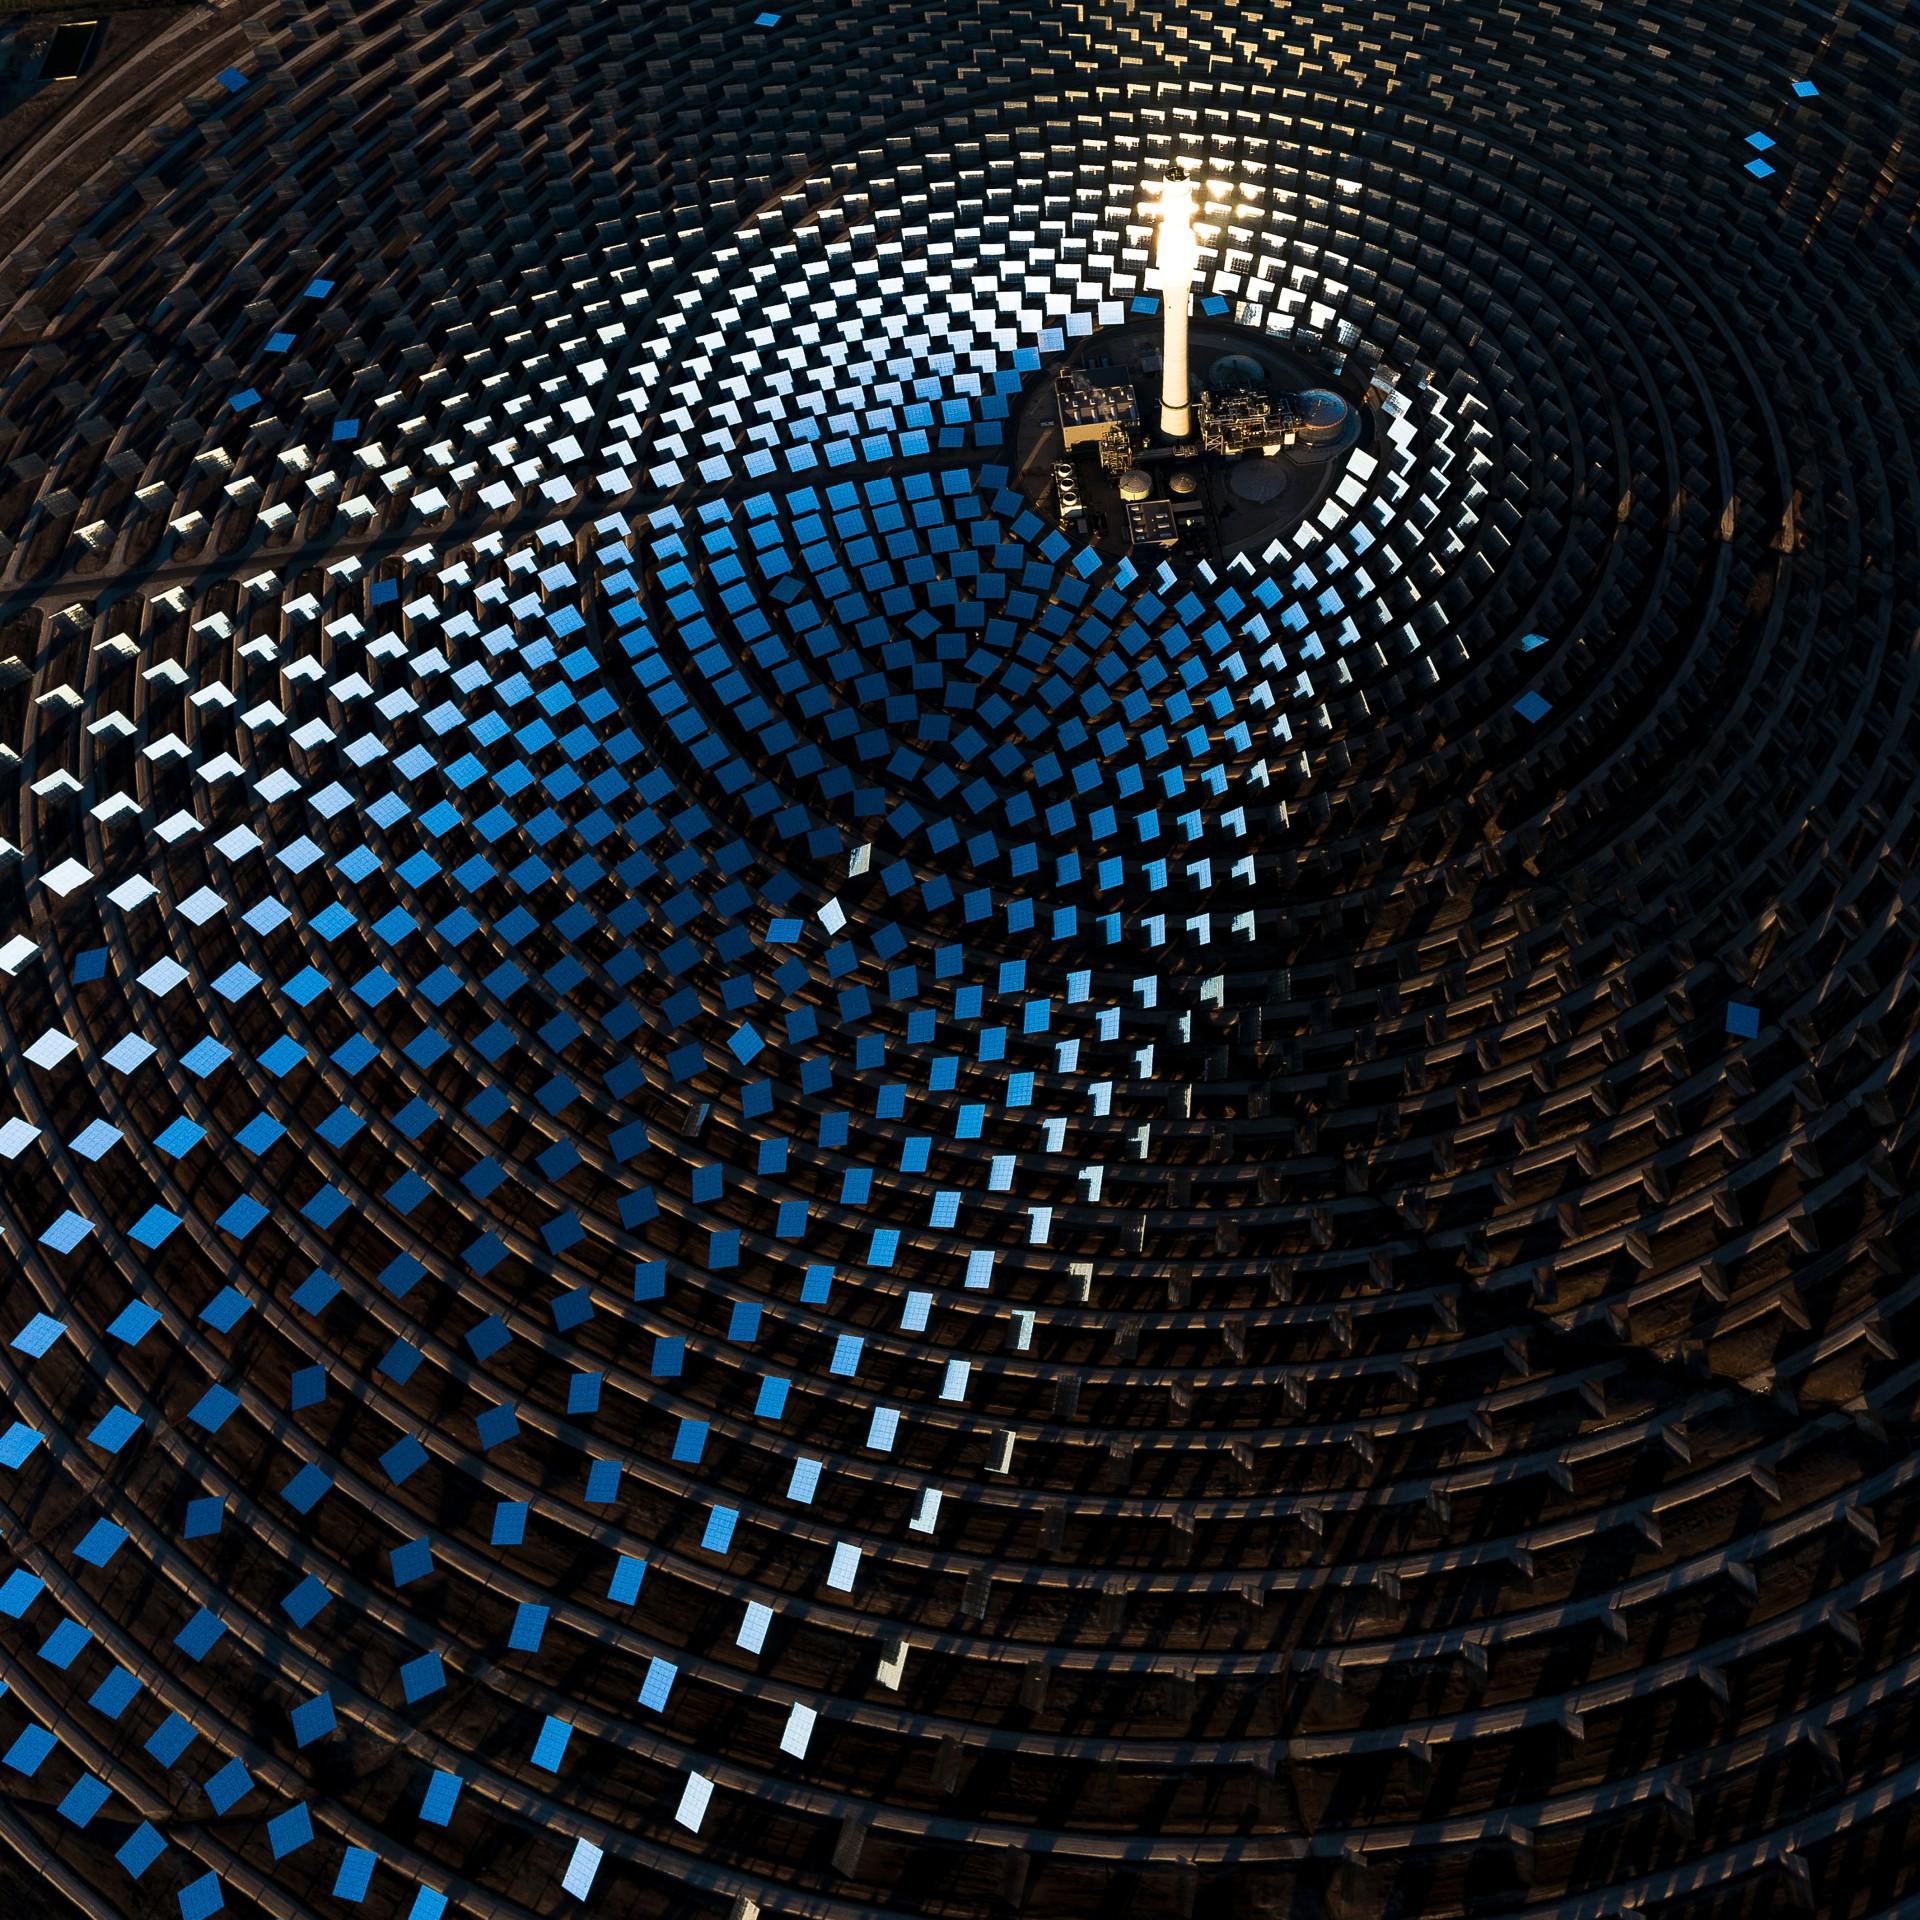 Fotó: Radisics Milán: Gemasolar - A 24 órás naphőerőmű<br />Kategória: A fenntartható energiatermelés és a természet kapcsolata<br />Helyezés: 3. díj<br /><br />A Gemasolar a világ első olyan naphőerőműje, amely a napközben felhevült sóoldatnak köszönhetően, éjszaka és felhős időben is képes áramot termelni. Ecija, Sevilla, Spanyolország. Százhúsz négyzetméteres, koncentrikus körökbe helyezett tükrök a 140 méter magas központi toronyra irányítják a napsugarakat, amelyben sóoldat kering. Azt forrósítja olvadásig, 550 Celsius-fok fölé a Nap koncentrált hője, a hőcserélővel előállított gőz pedig áramtermelő turbinákat hajt meg. A Gemasolar nem kevesebb mint 25–30 ezer háztartás energiaigényét képes ellátni.